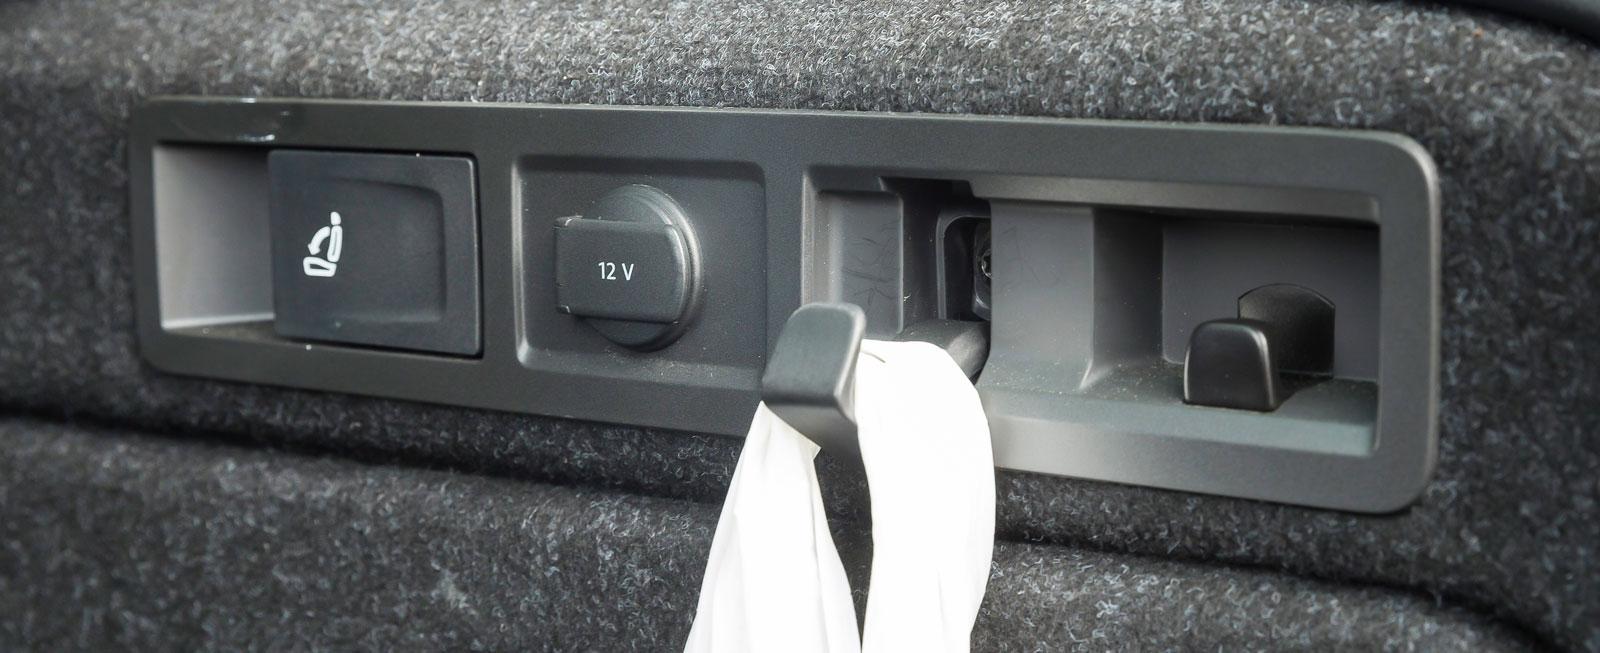 Kasskrok (totalt finns fyra), 12 V-uttag och fällningshandtag för ryggstöden sitter prydligt samlade på sidan i lastutrymmet.